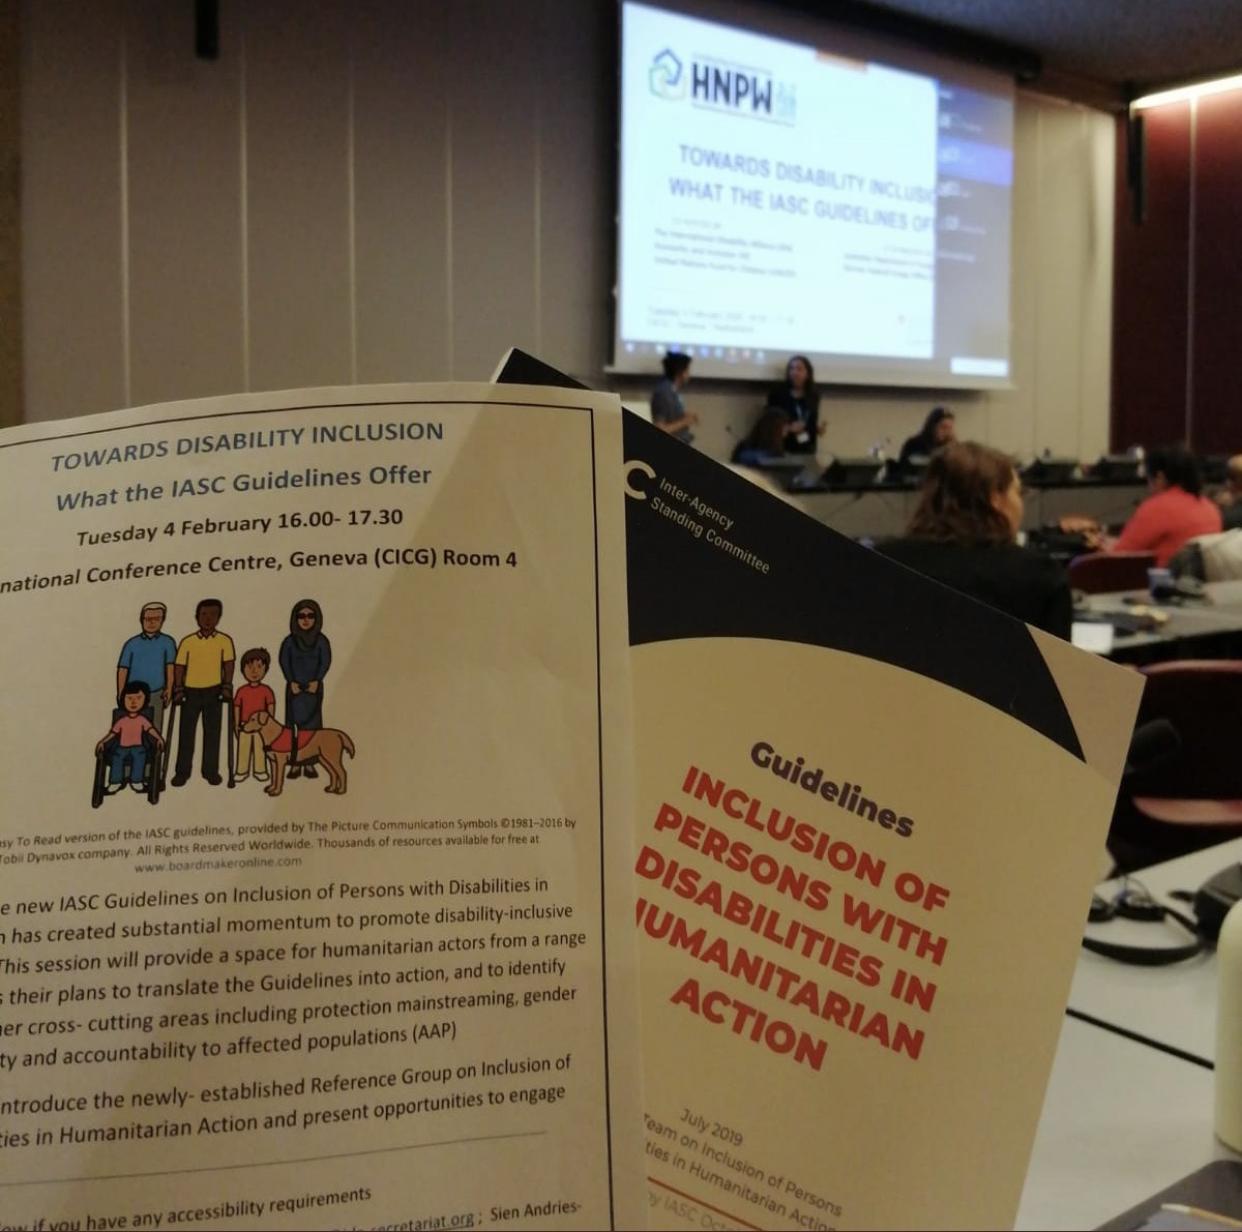 """Session auf der """"Humanitarian Network & Partnership Week"""" zur IASC-Leitlinien. Im Hintergrund stehen die Sprecher*innen. Im Vordergrund werden die Einladung und die IASC-Leitlinien hochgehalten."""